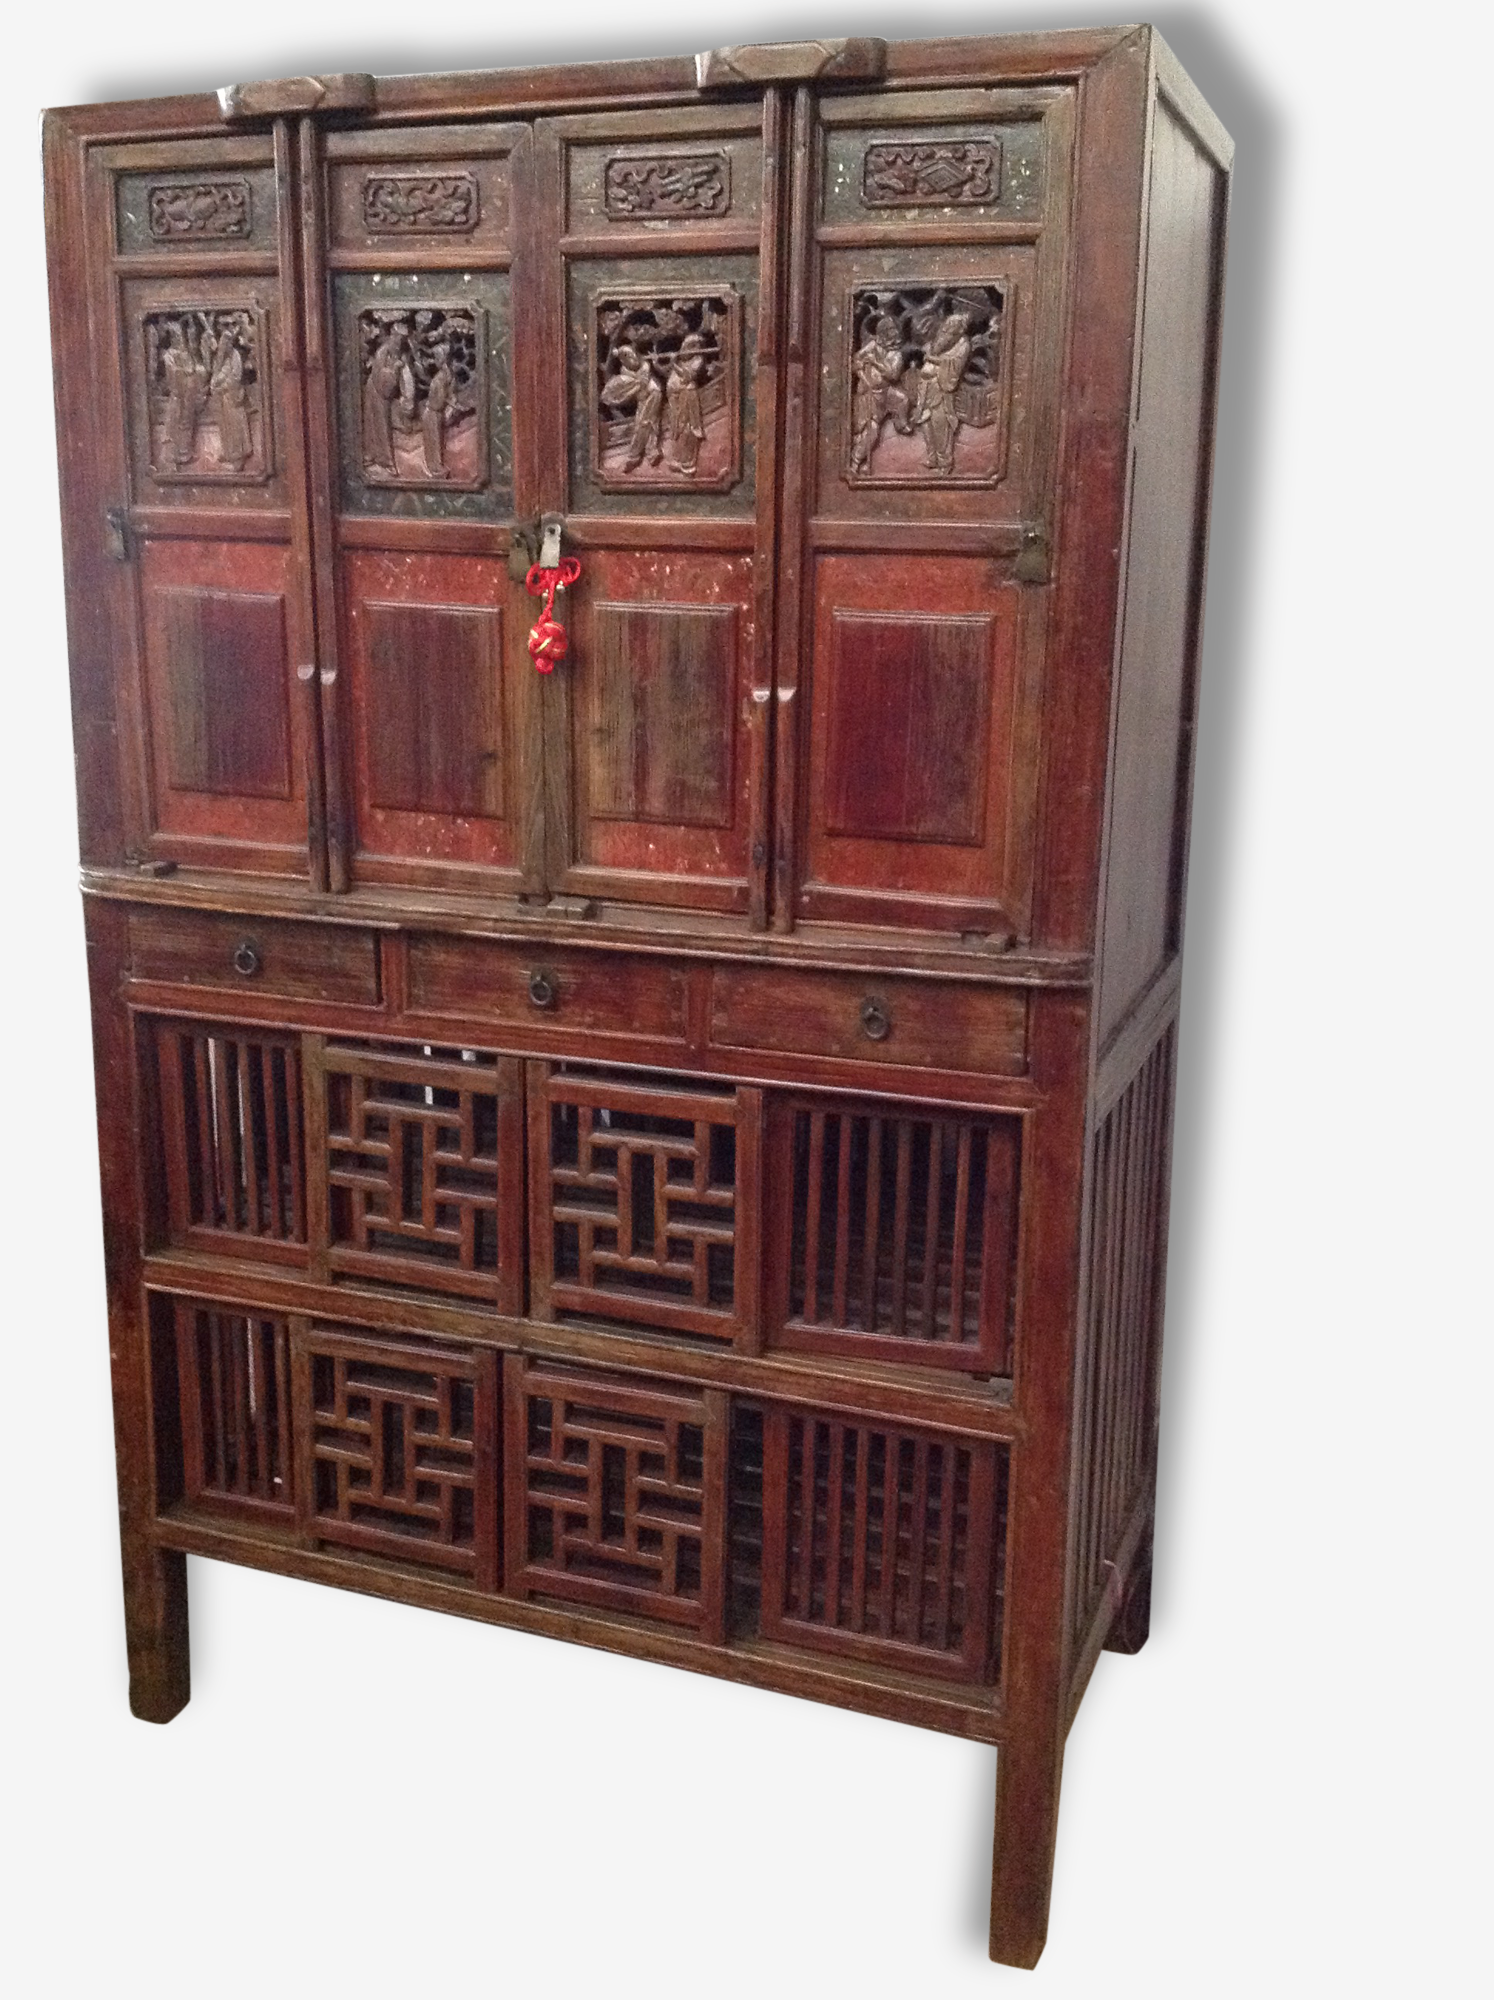 Très original meuble de cuisine en provenance de Chine